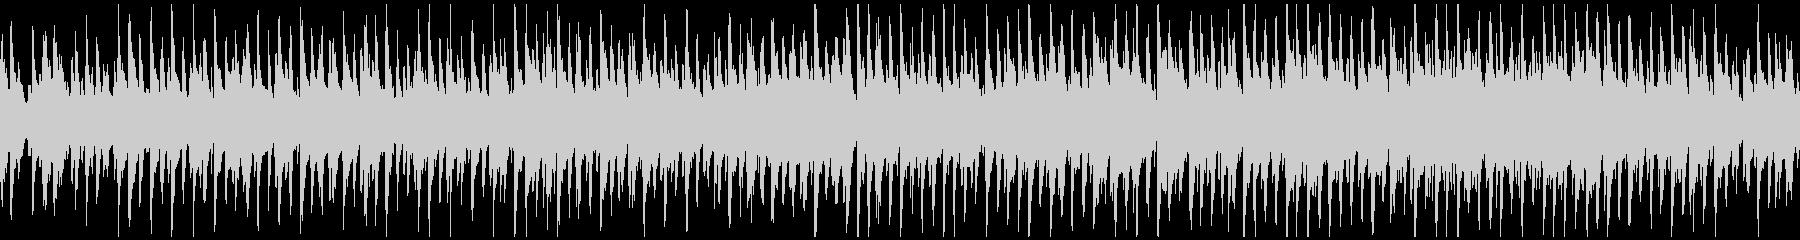 ほのぼのウクレレ生演奏曲 ※ループ仕様版の未再生の波形